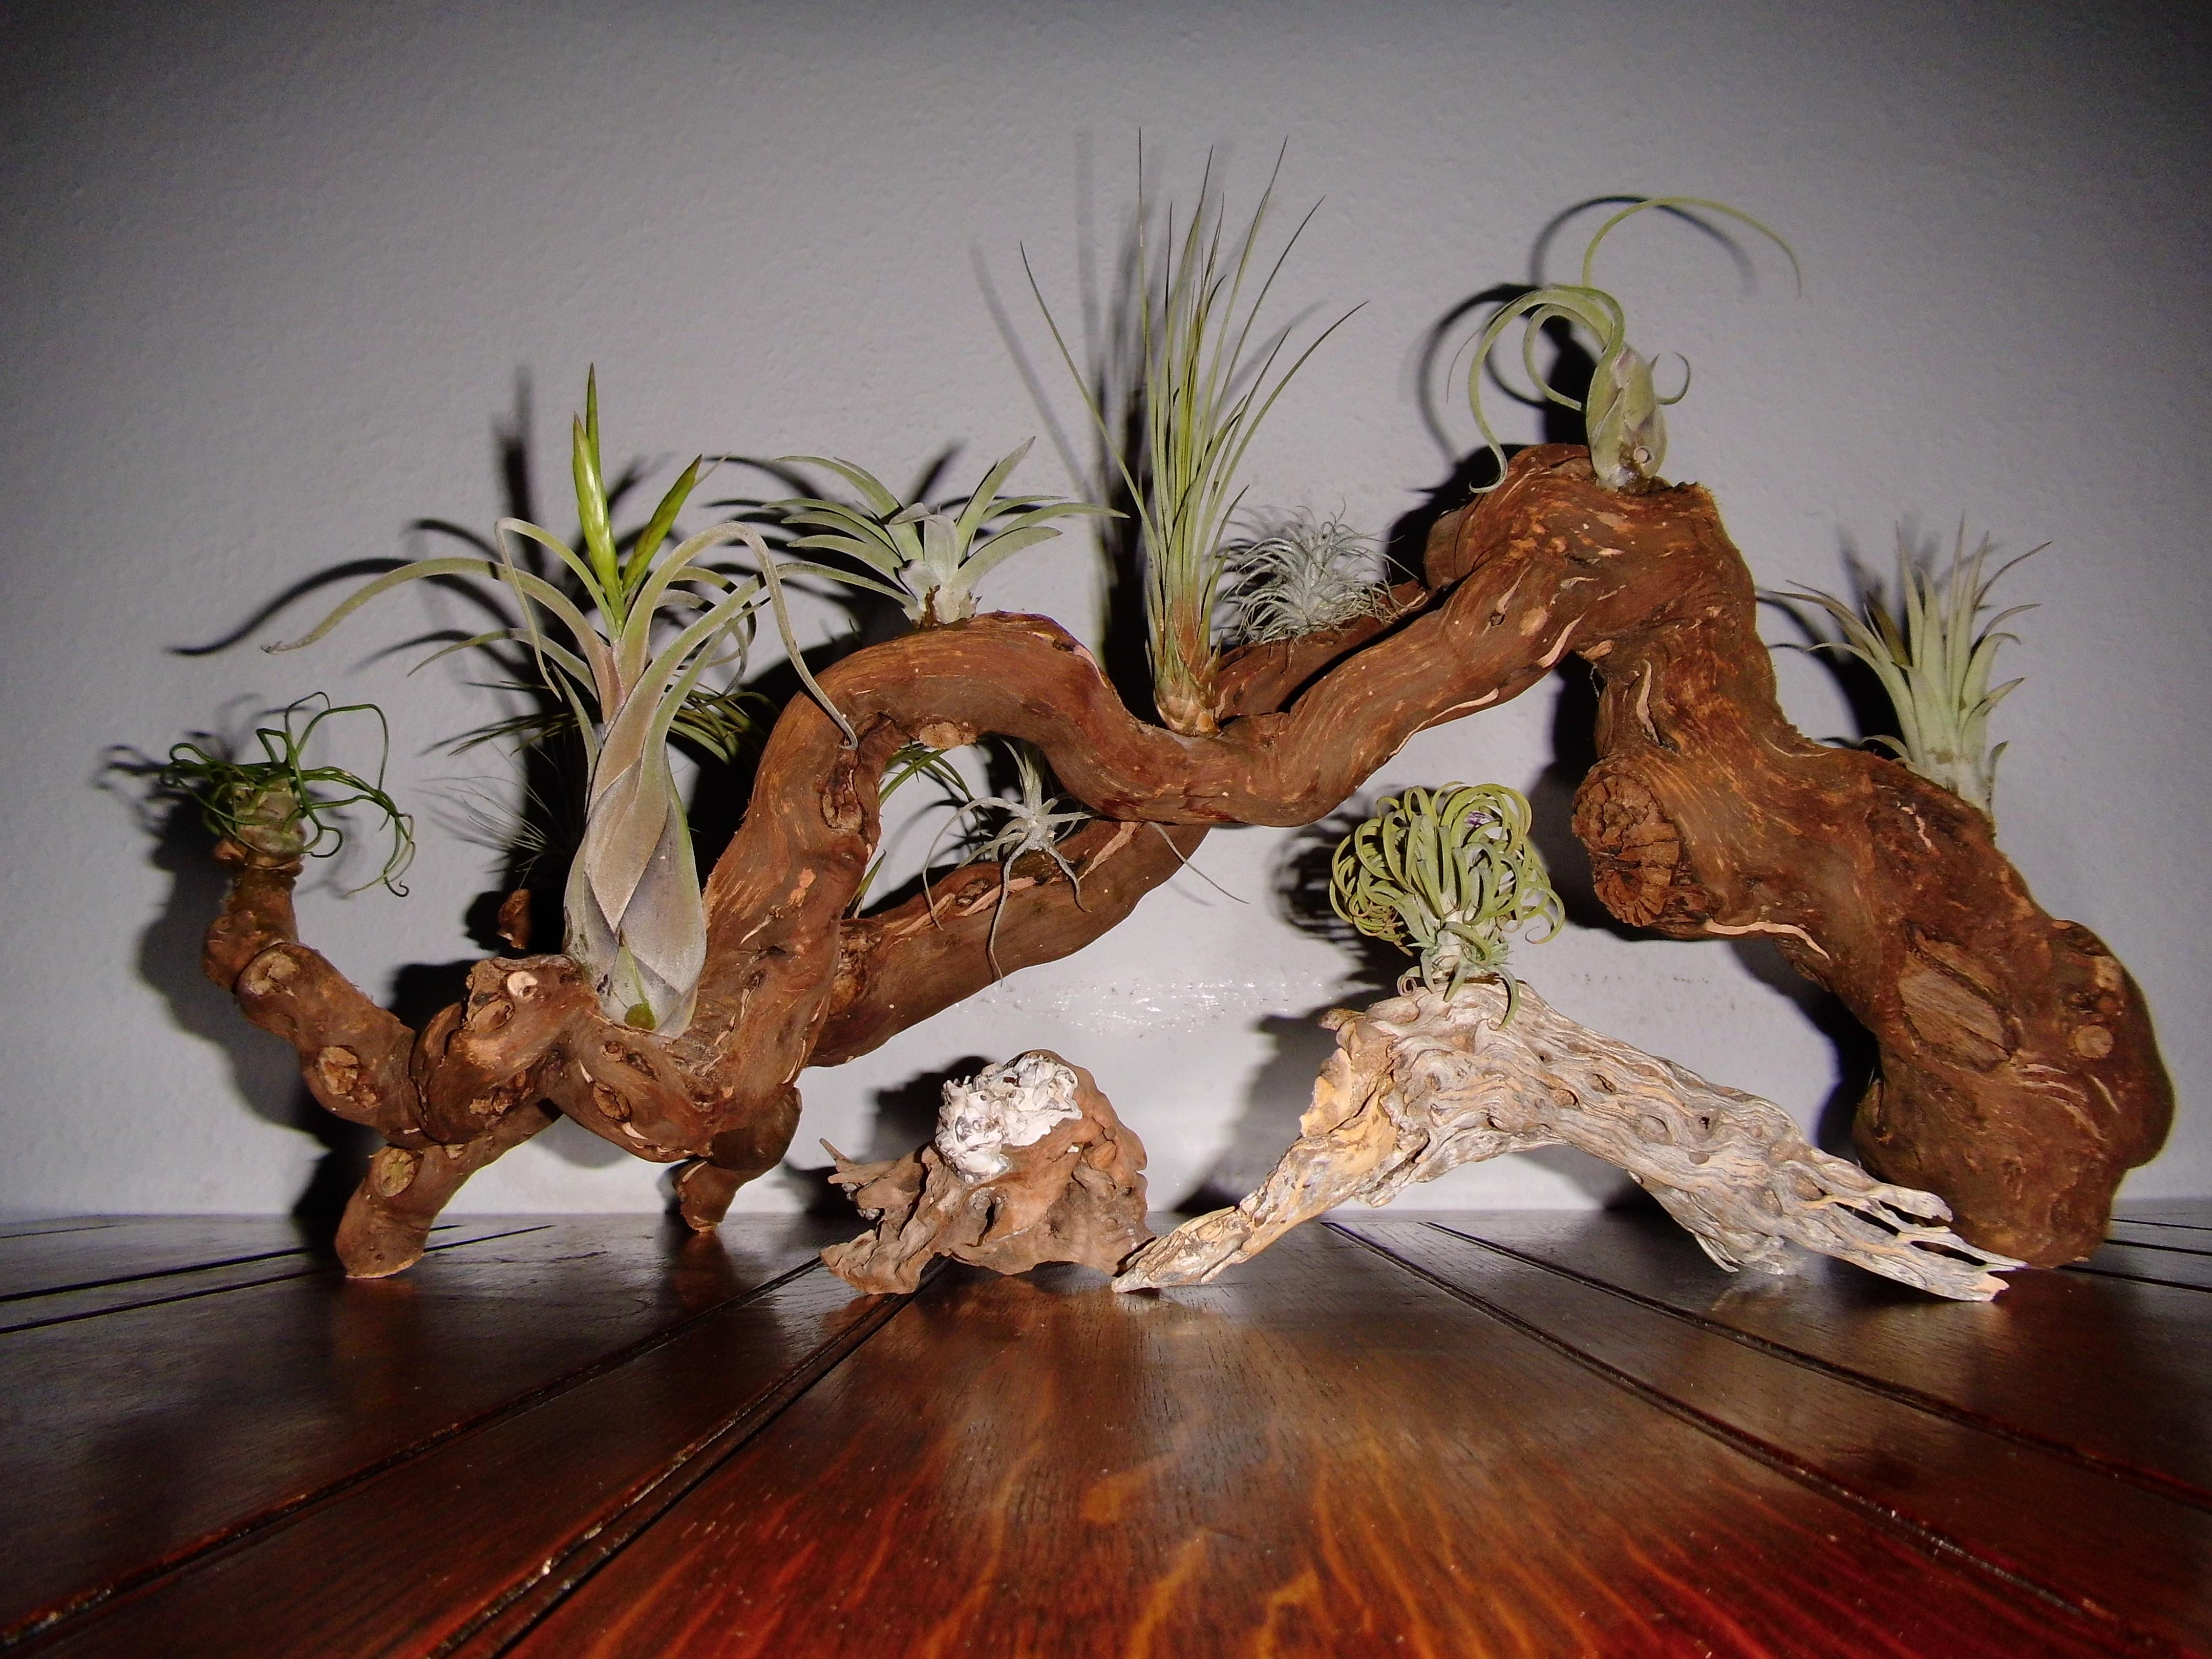 exotische pflanzen wachsen ohne erde mein bad zwischenahn. Black Bedroom Furniture Sets. Home Design Ideas